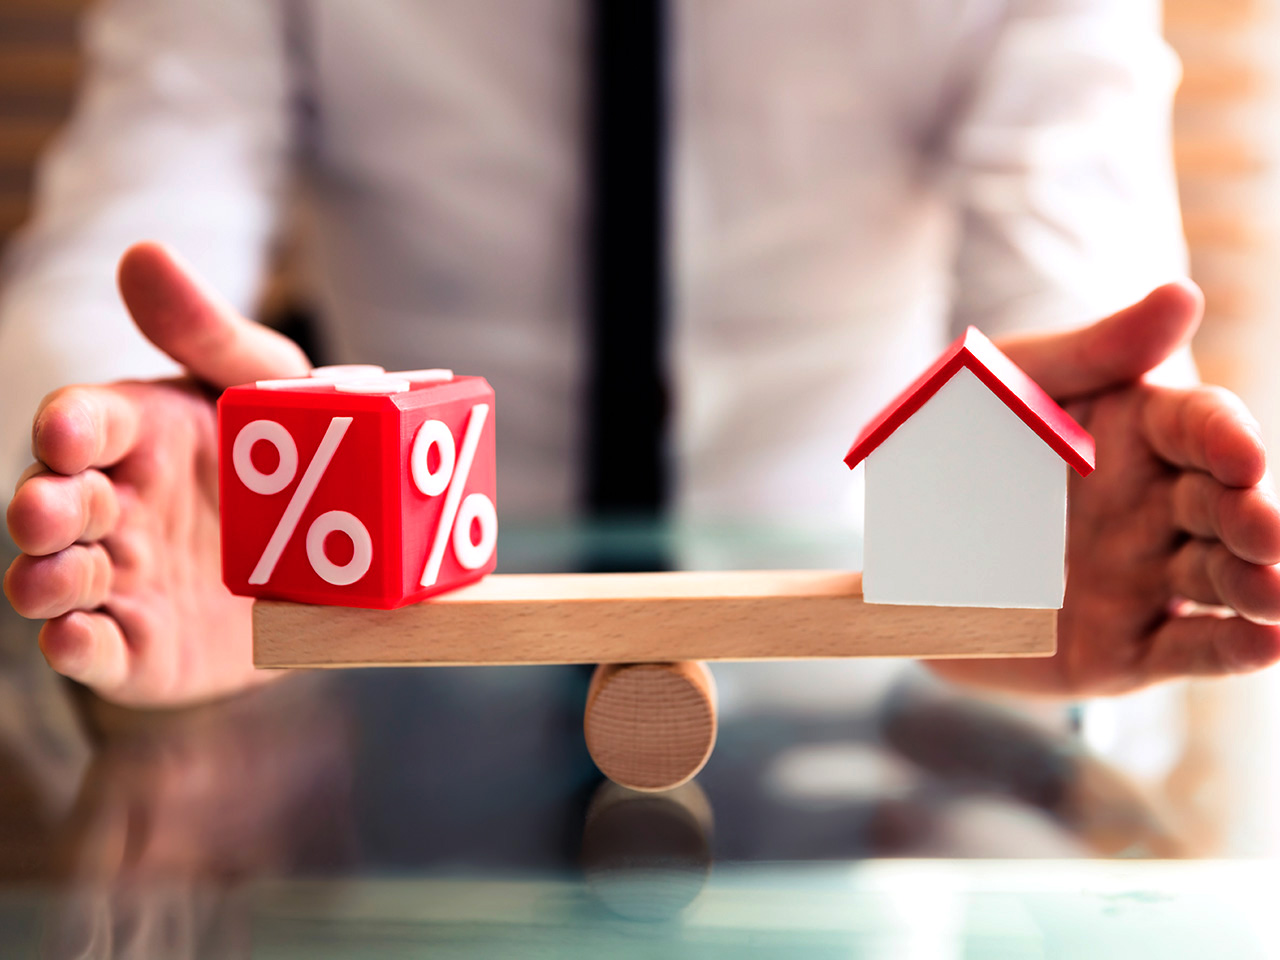 выгодная ставка по ипотеке